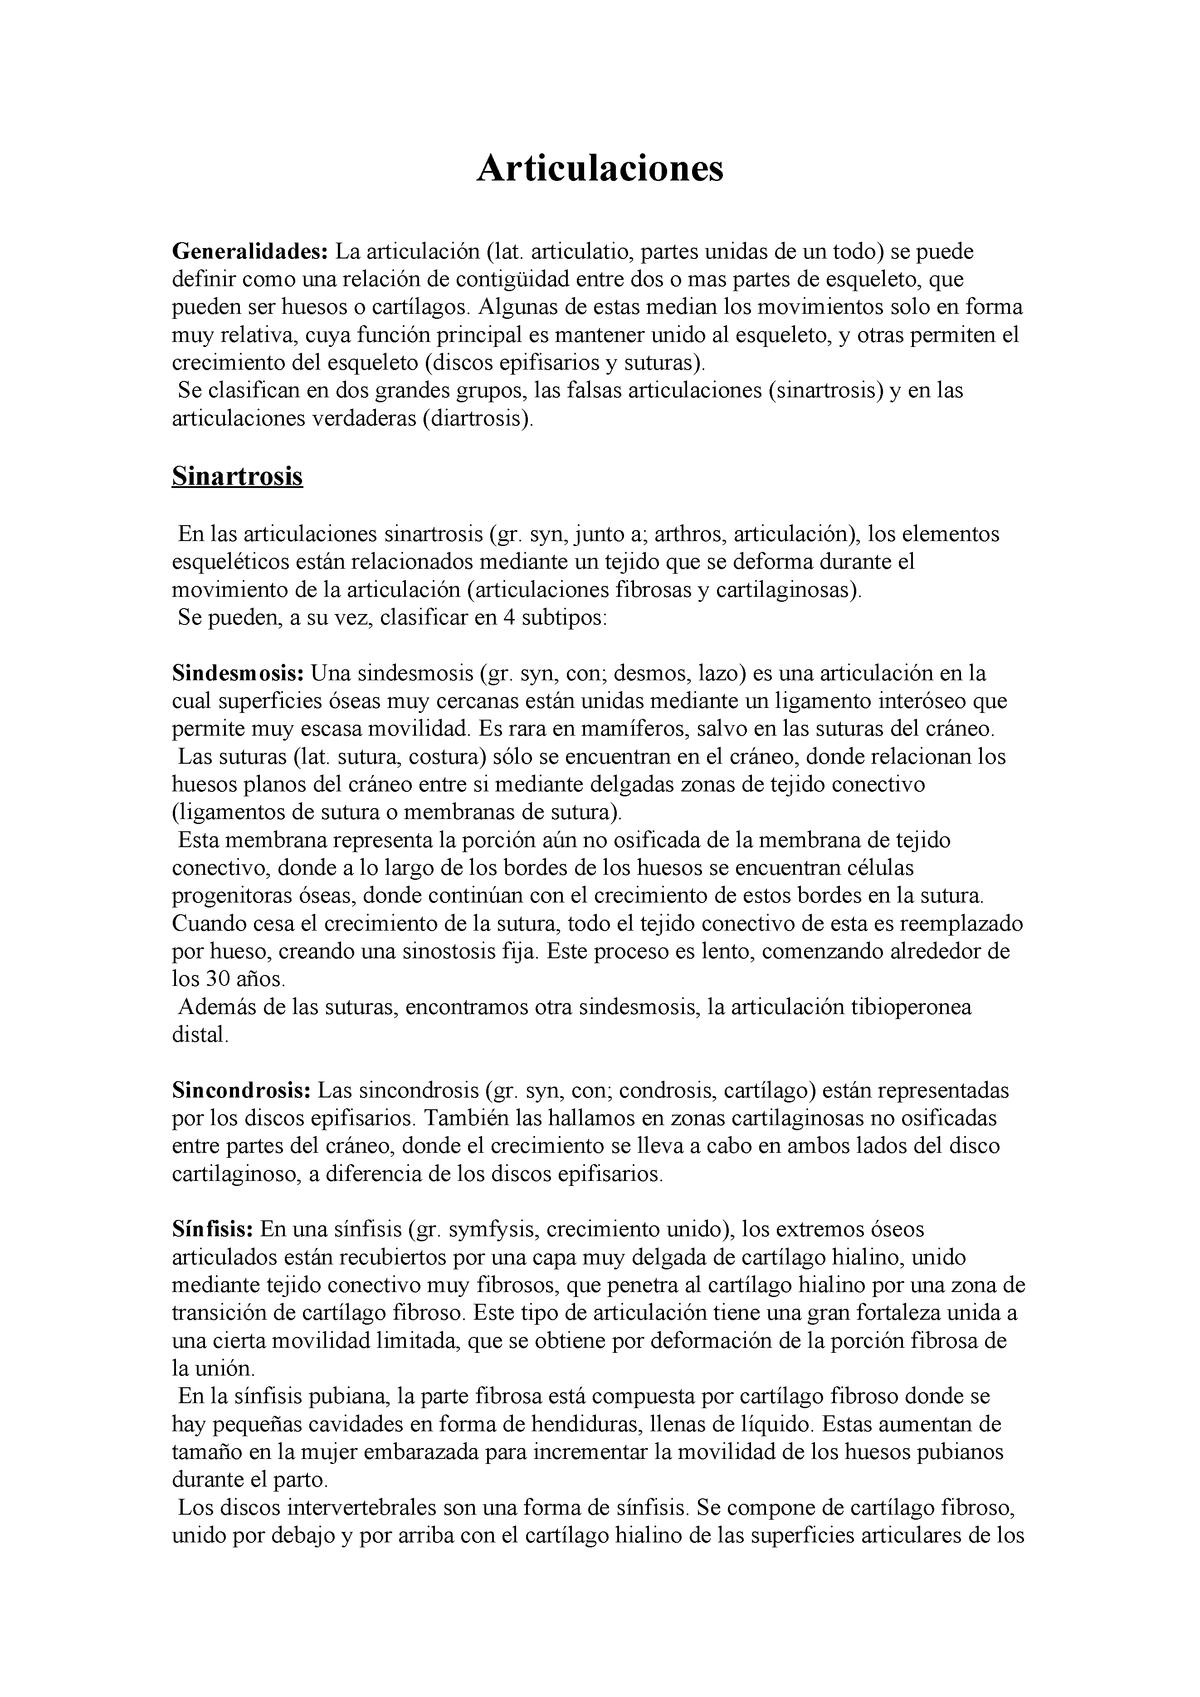 Diferencia entre las articulaciones fibrosas cartilaginosas y sinoviales